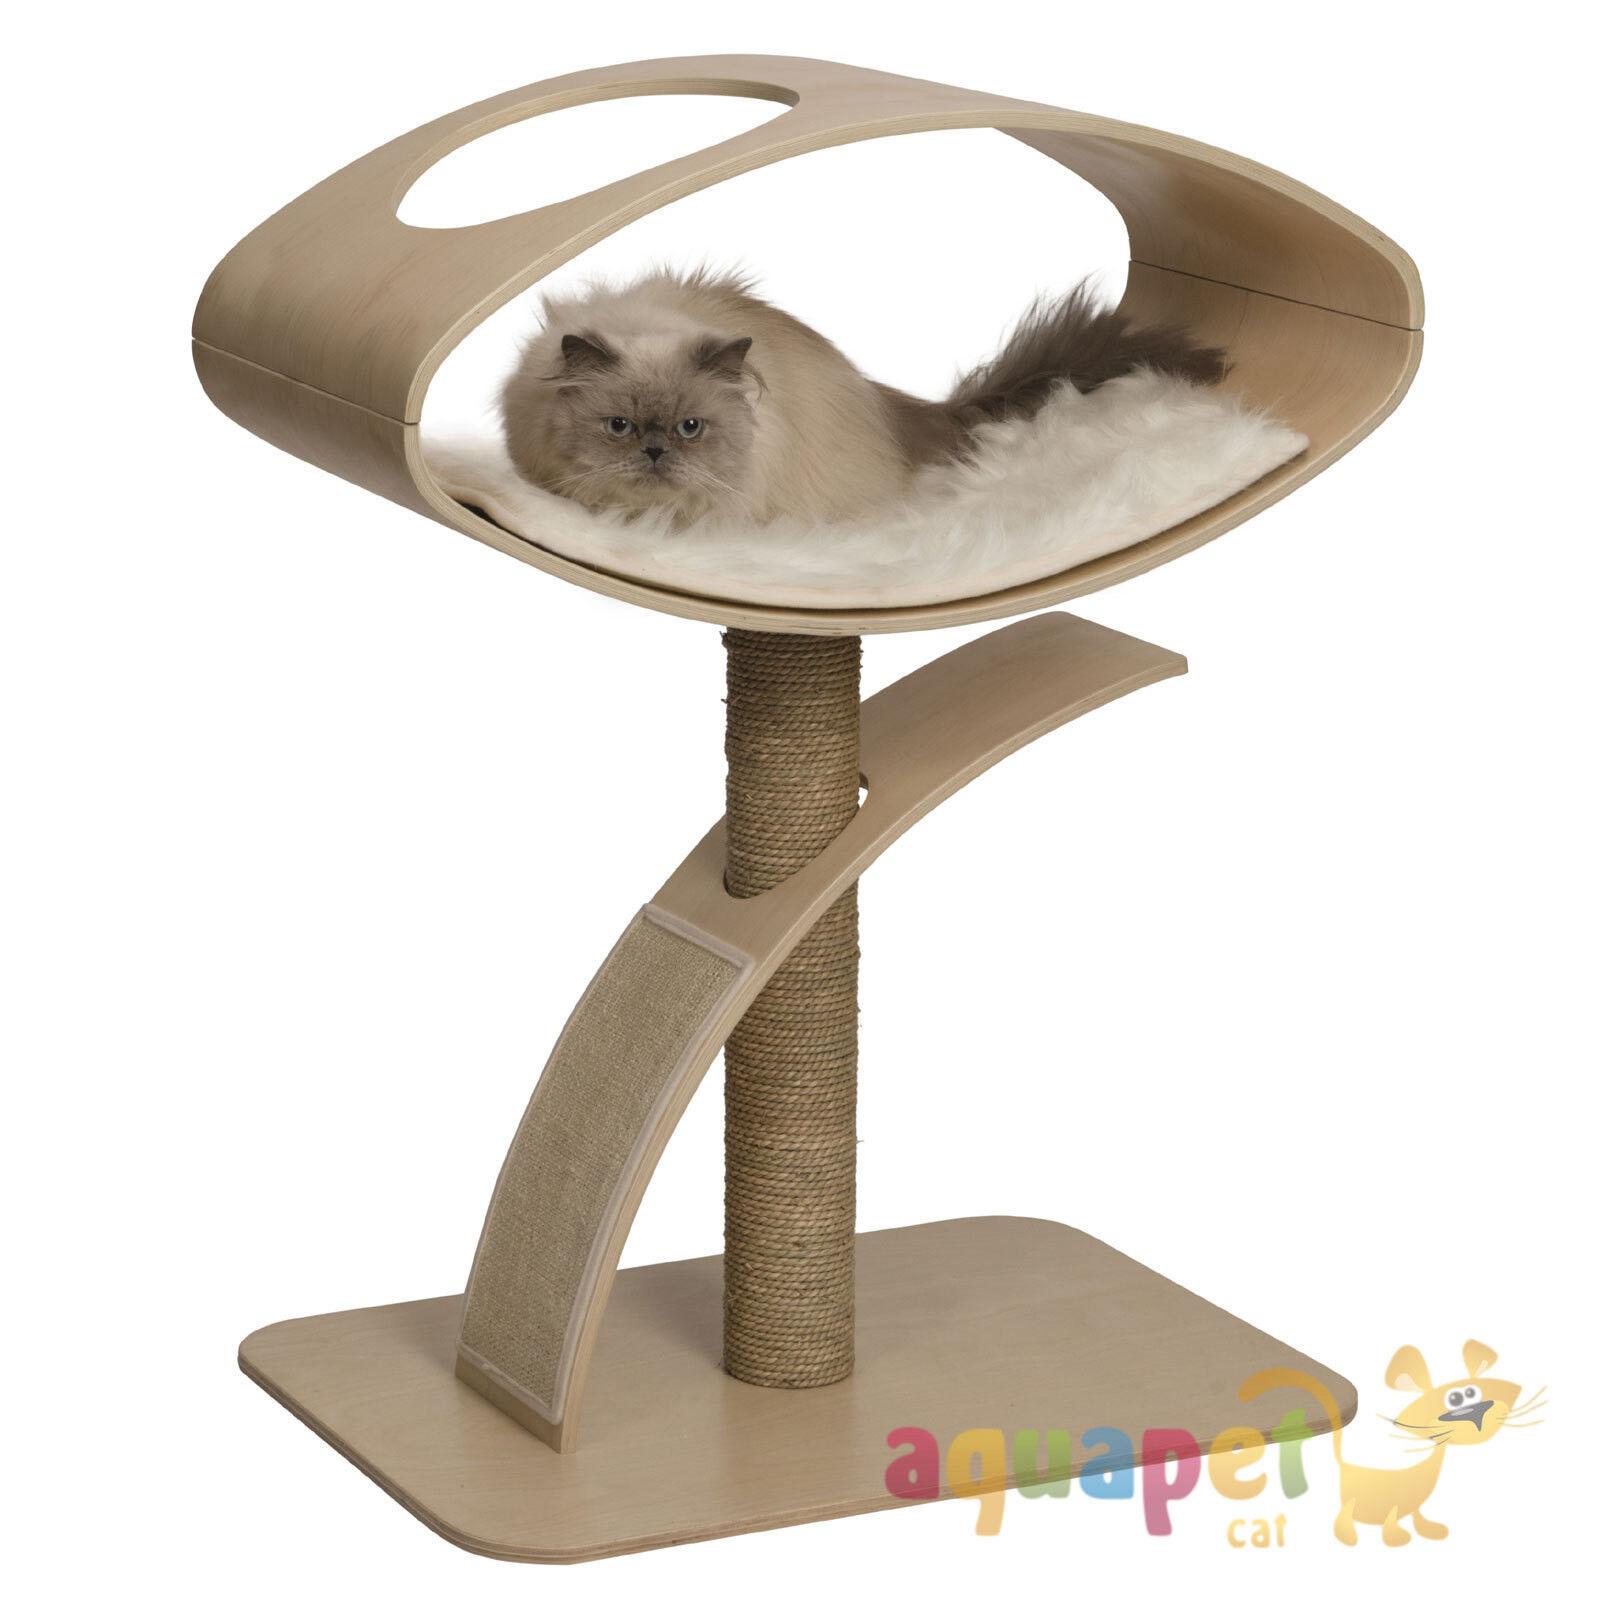 Hagen proposito di Vesper CAT Furniture Maglie taglienti e piallanti letto V Alta Lounge